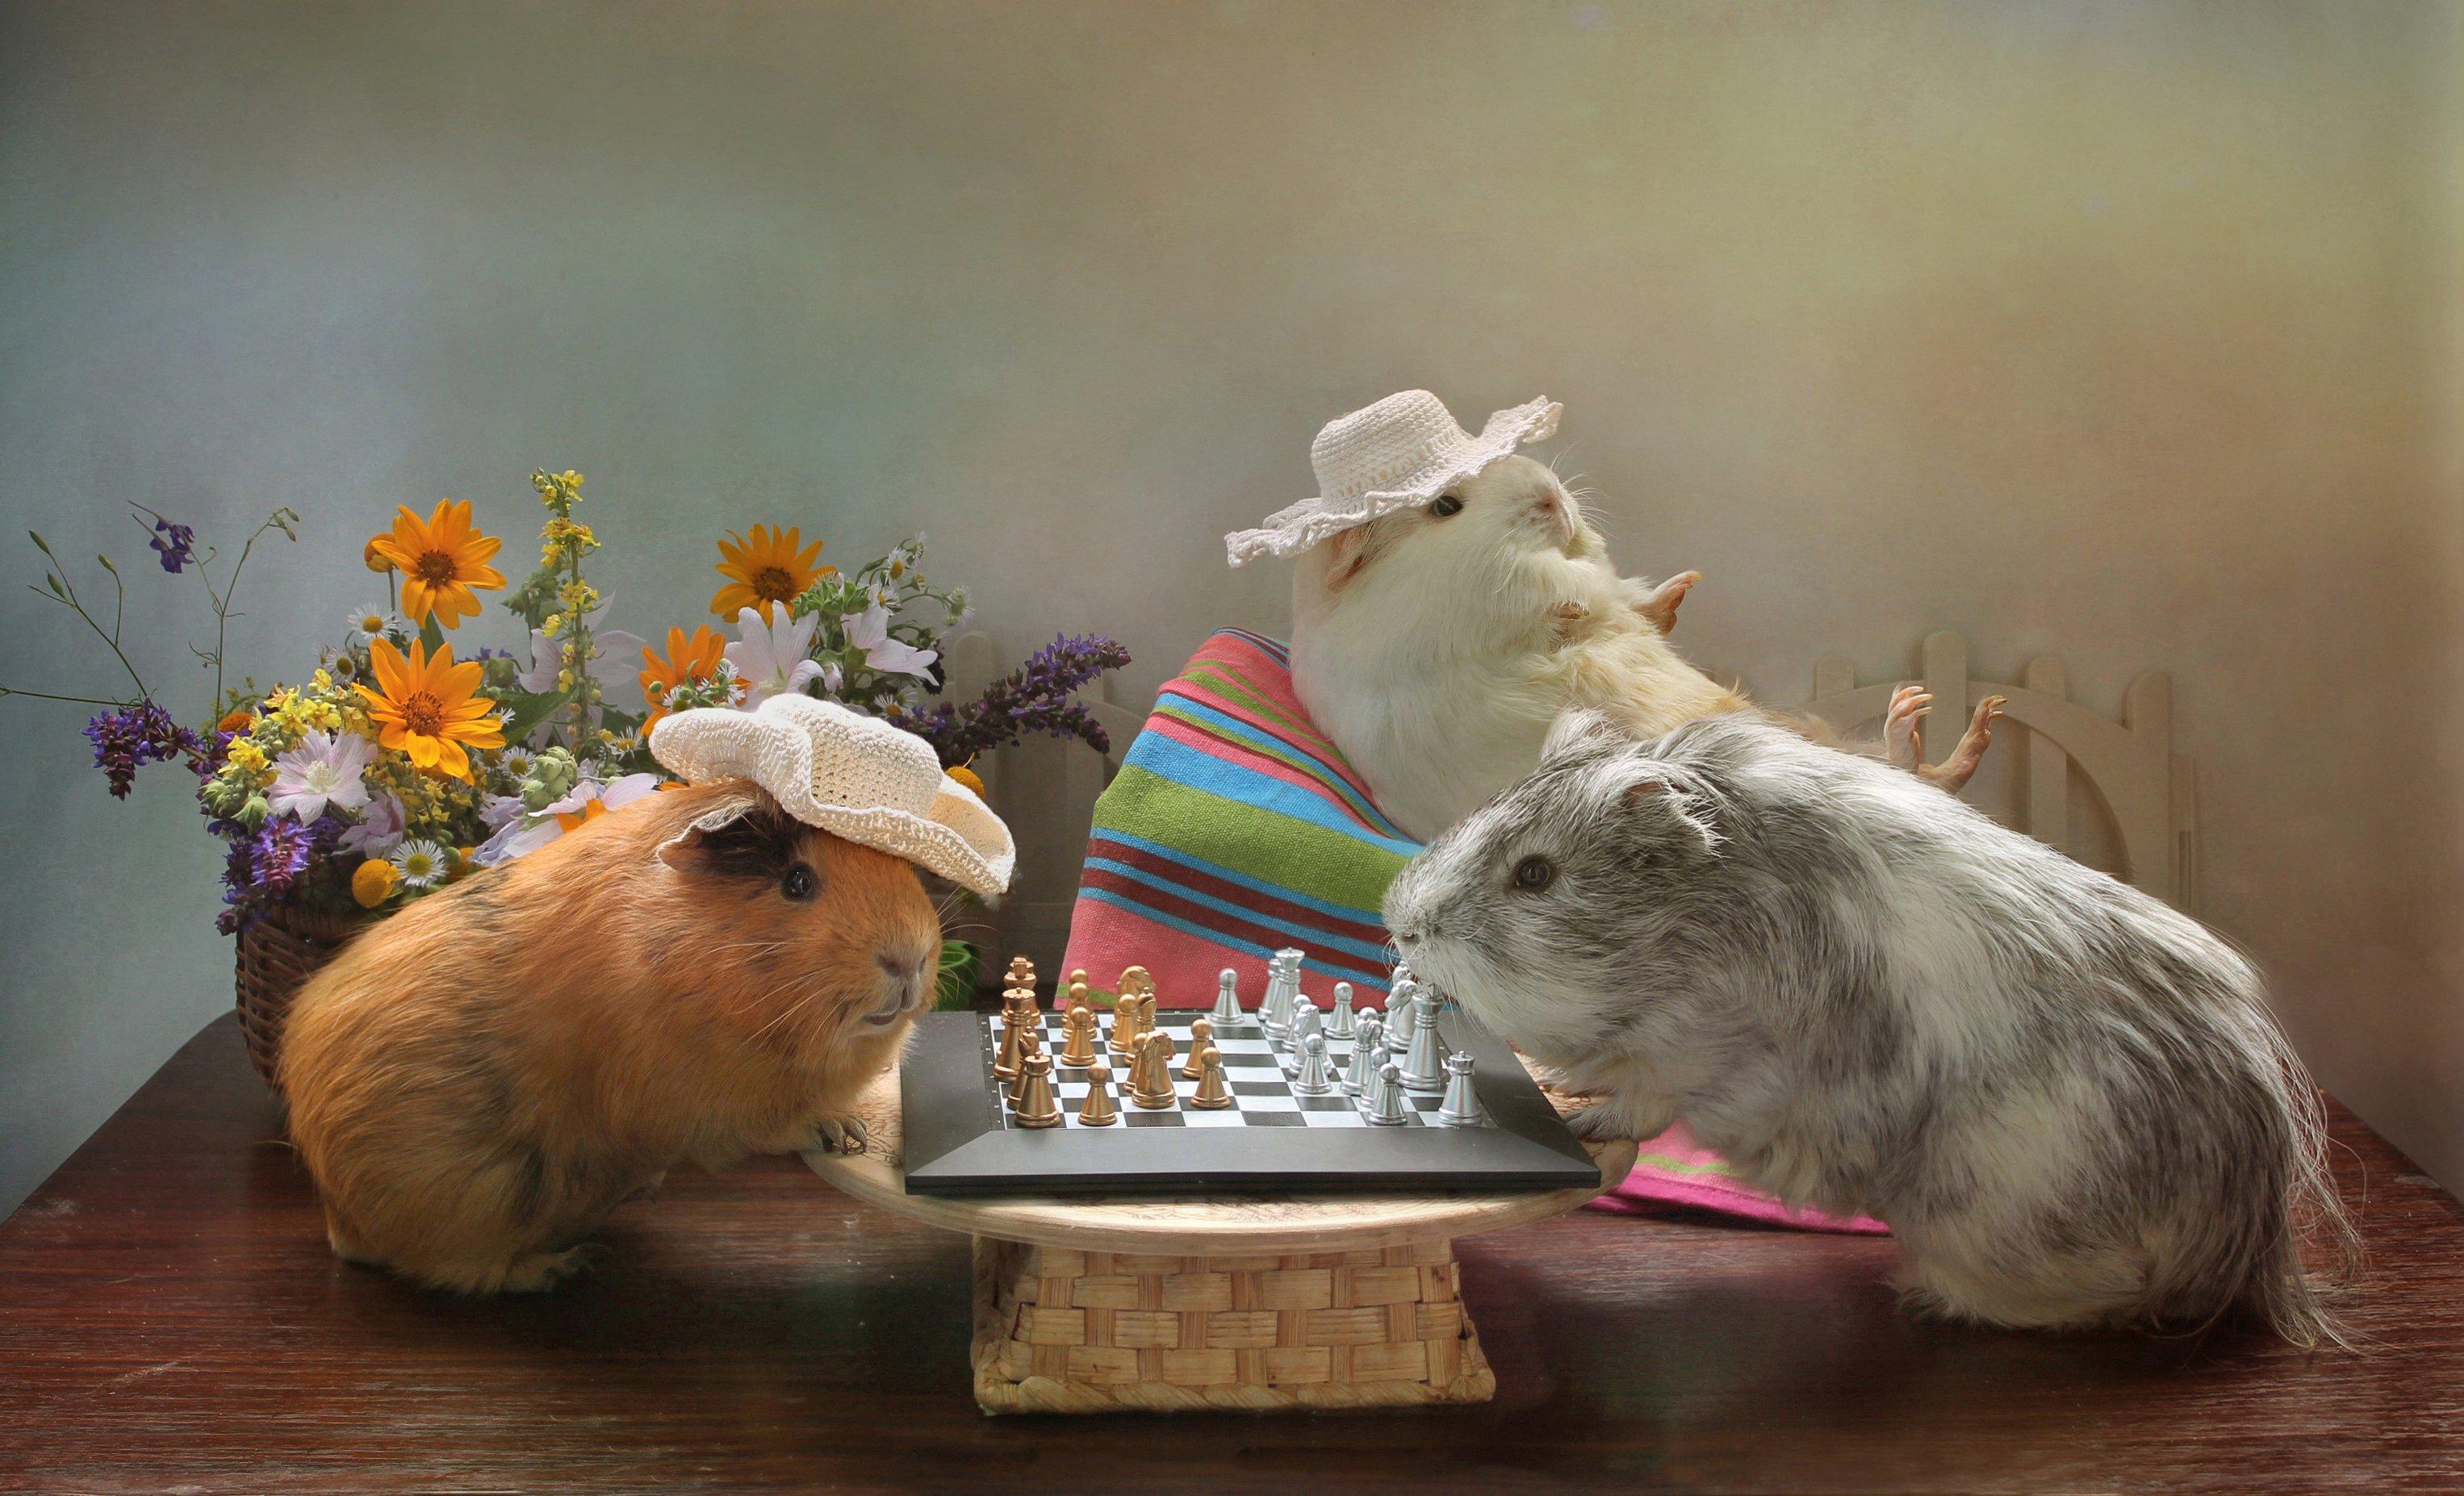 композиция, животные, морские свинки, лето, шахматы, дачные истории, Ковалева Светлана